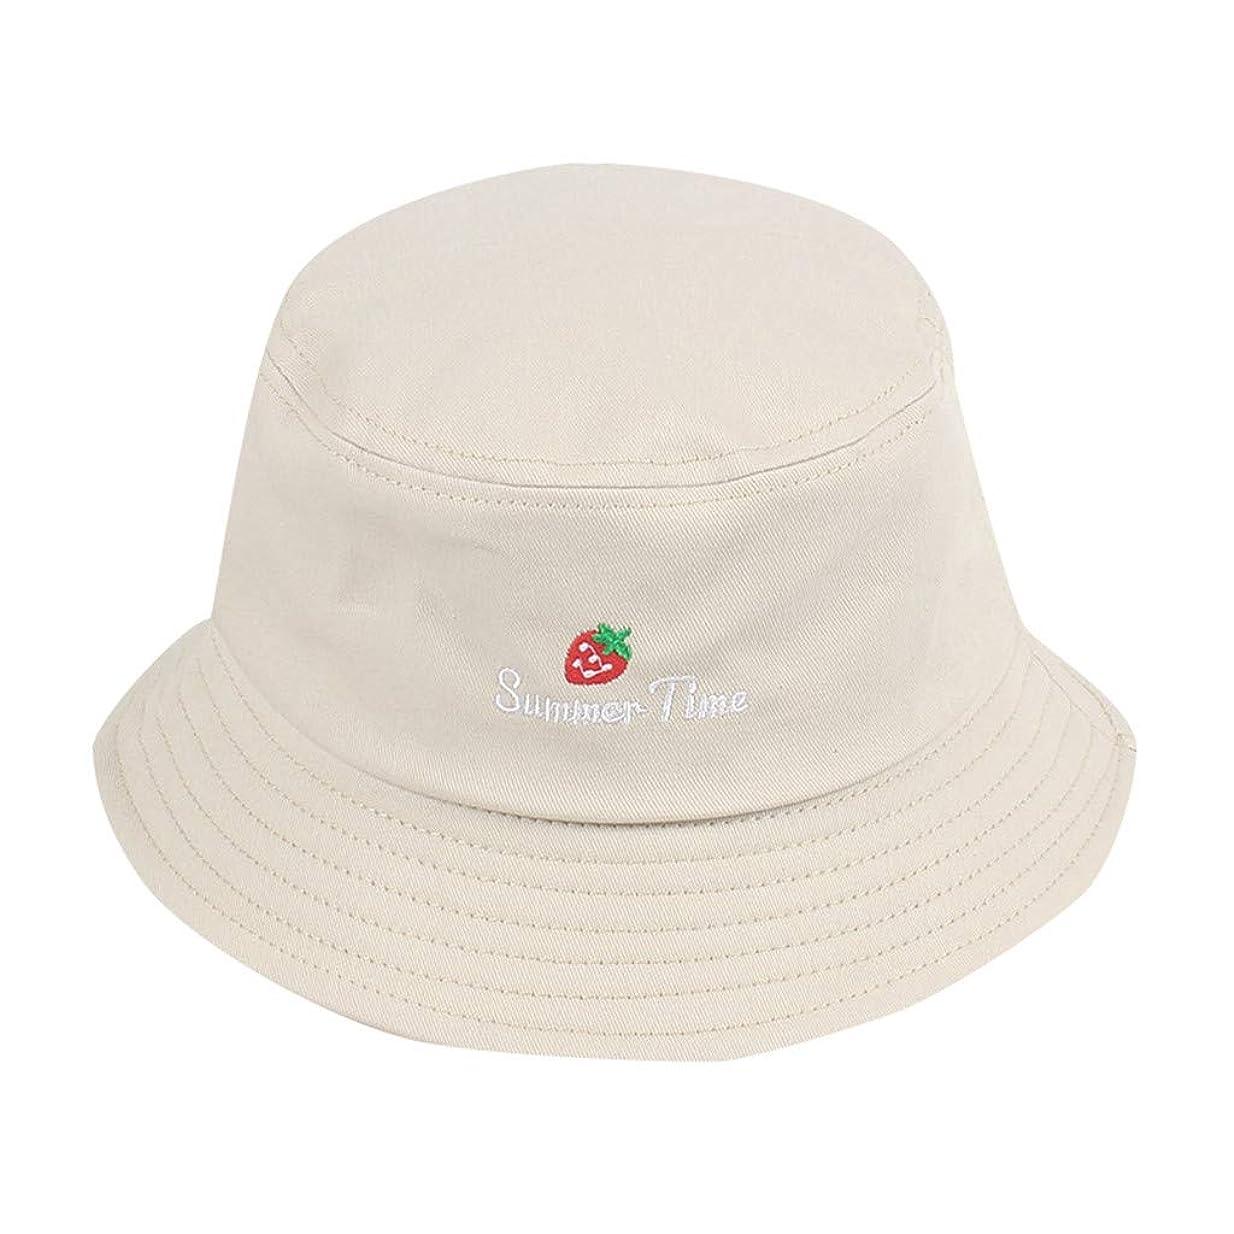 病気眉品種帽子 夏 発送 漁師の帽子 レディース ハットラップ 森ガール かわいい 吸汗通気 女優帽 日よけ UVカット 帽子 ハット レディース 棉 日よけ つば広 紫外線対策 小顔効果抜群 刺繍 いちご ROSE ROMAN